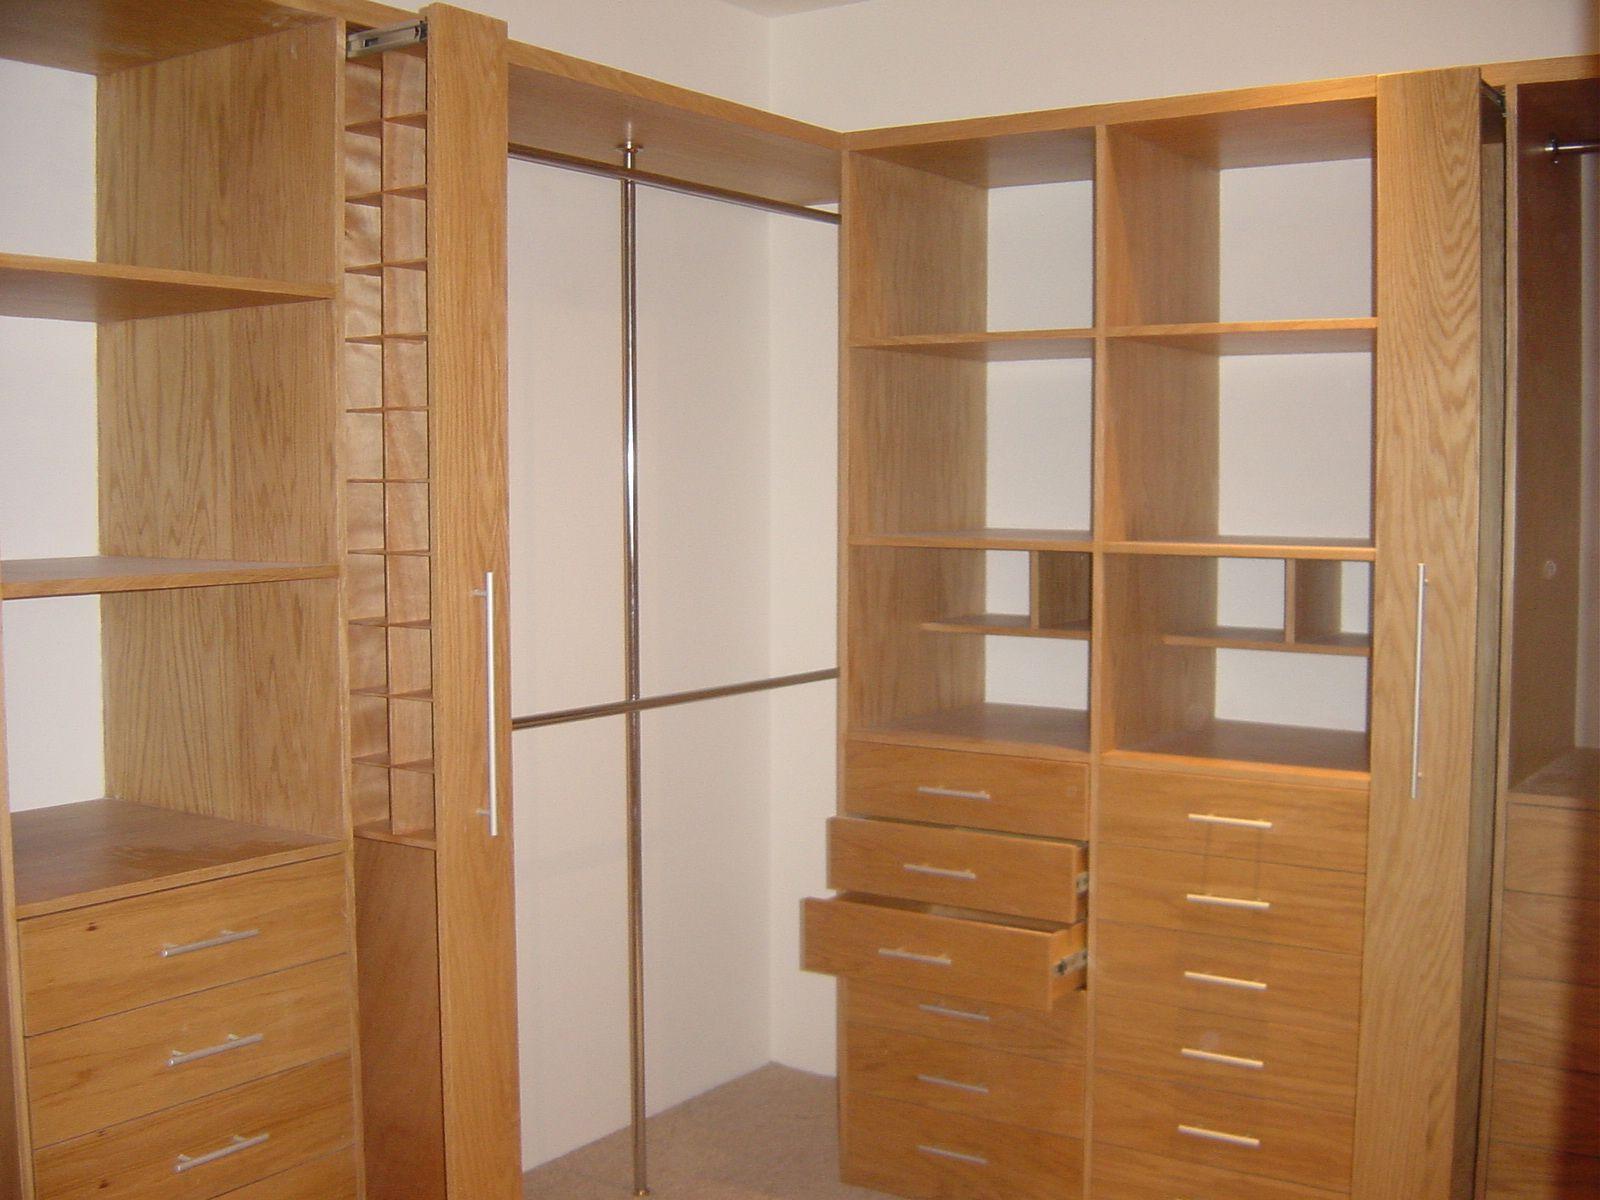 Closets modernos para mujeres con espejos buscar con for Closet para zapatos modernos